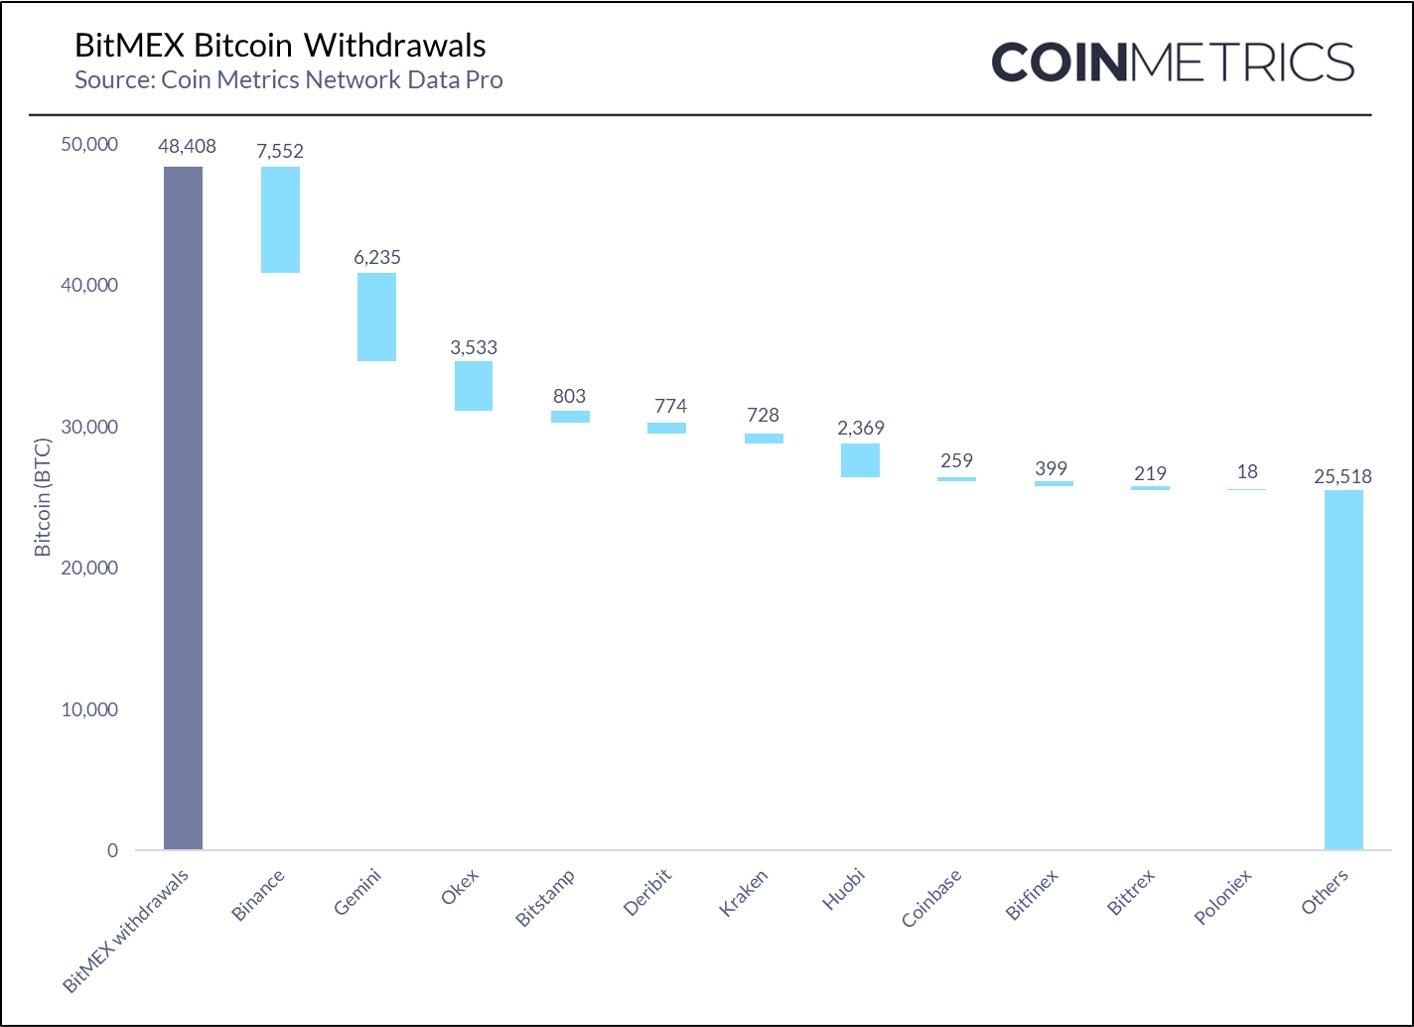 Para que exchanges estão indo os saques da BitMEX